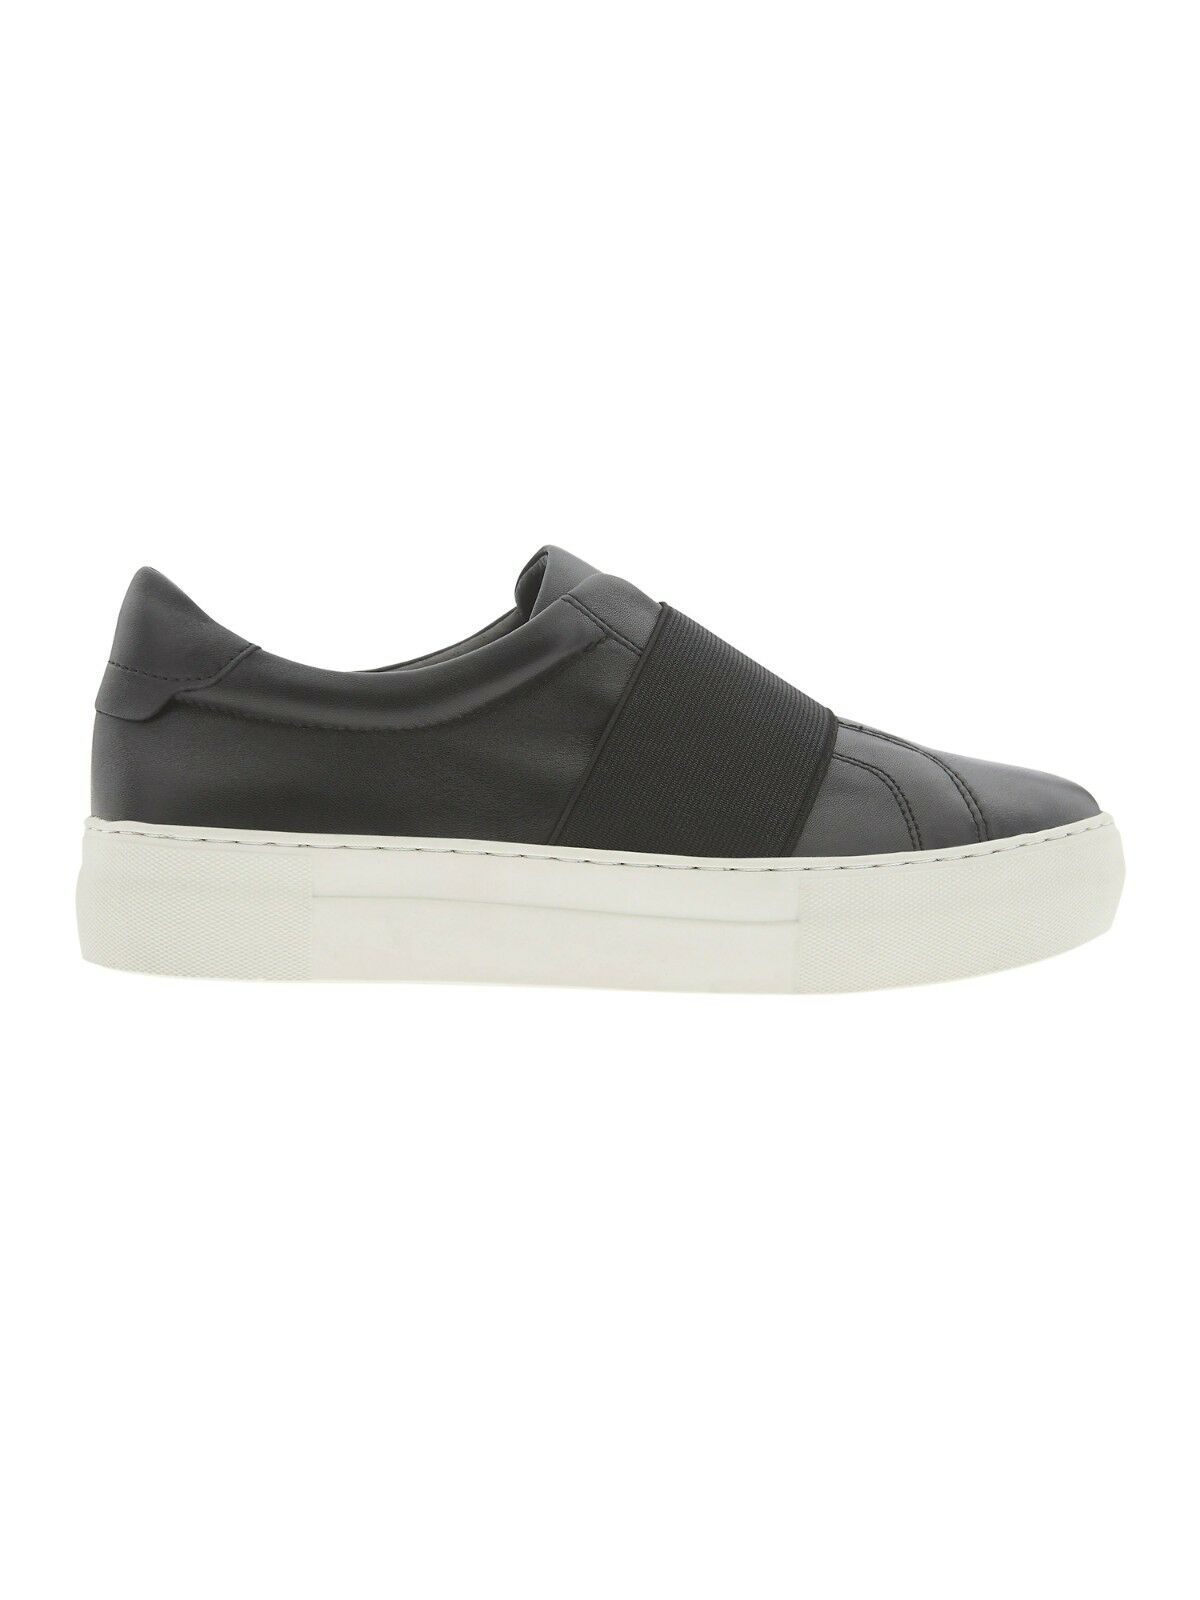 Athleta 'Adorn' Sneaker by J Slides Slip On, BLACK SIZE 8          352528 N0321